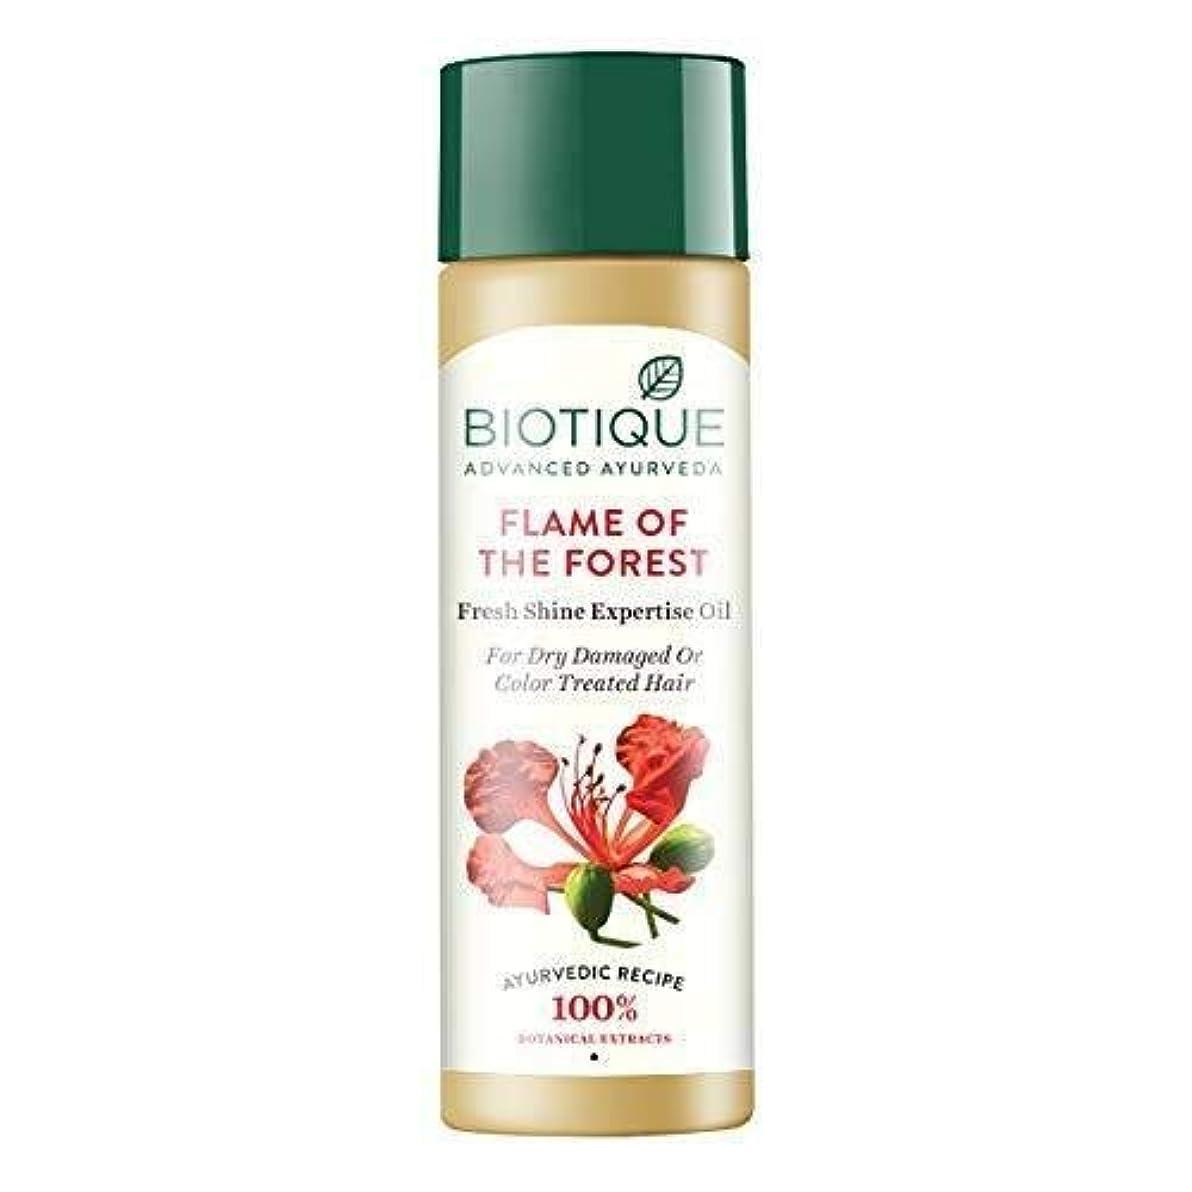 モンゴメリー平らにするダニBiotique Bio Flame Of The Forest Fresh Shine Expertise Oil 120ml Promotes Growth 森のBiotiqueバイオ炎新鮮な輝きの専門知識オイルが成長を促進